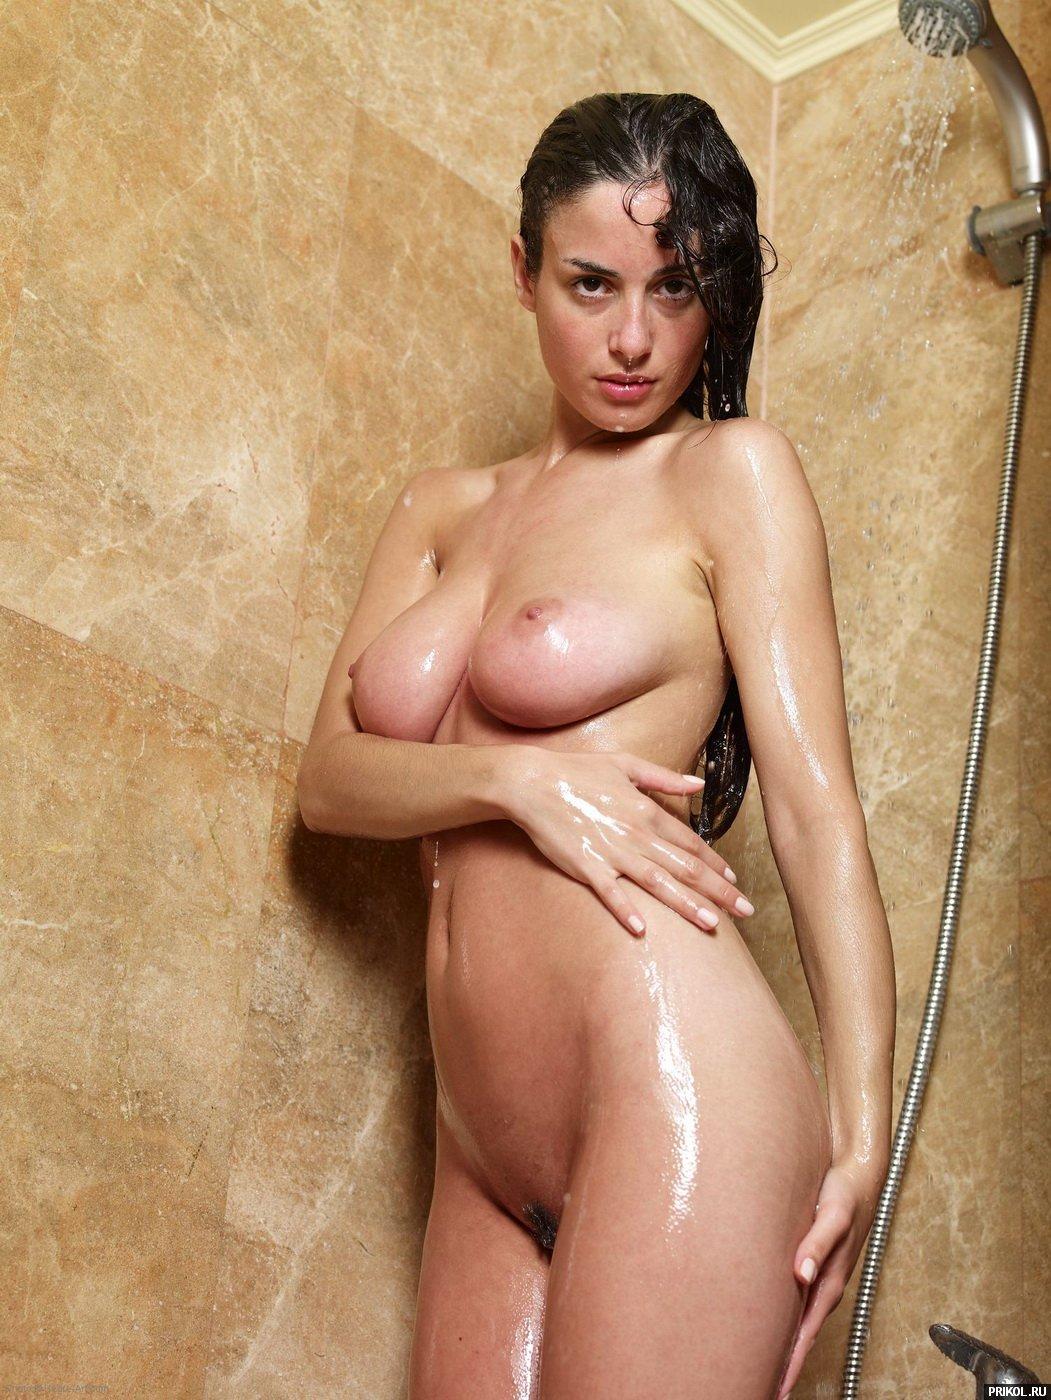 nude-girl-201209-06